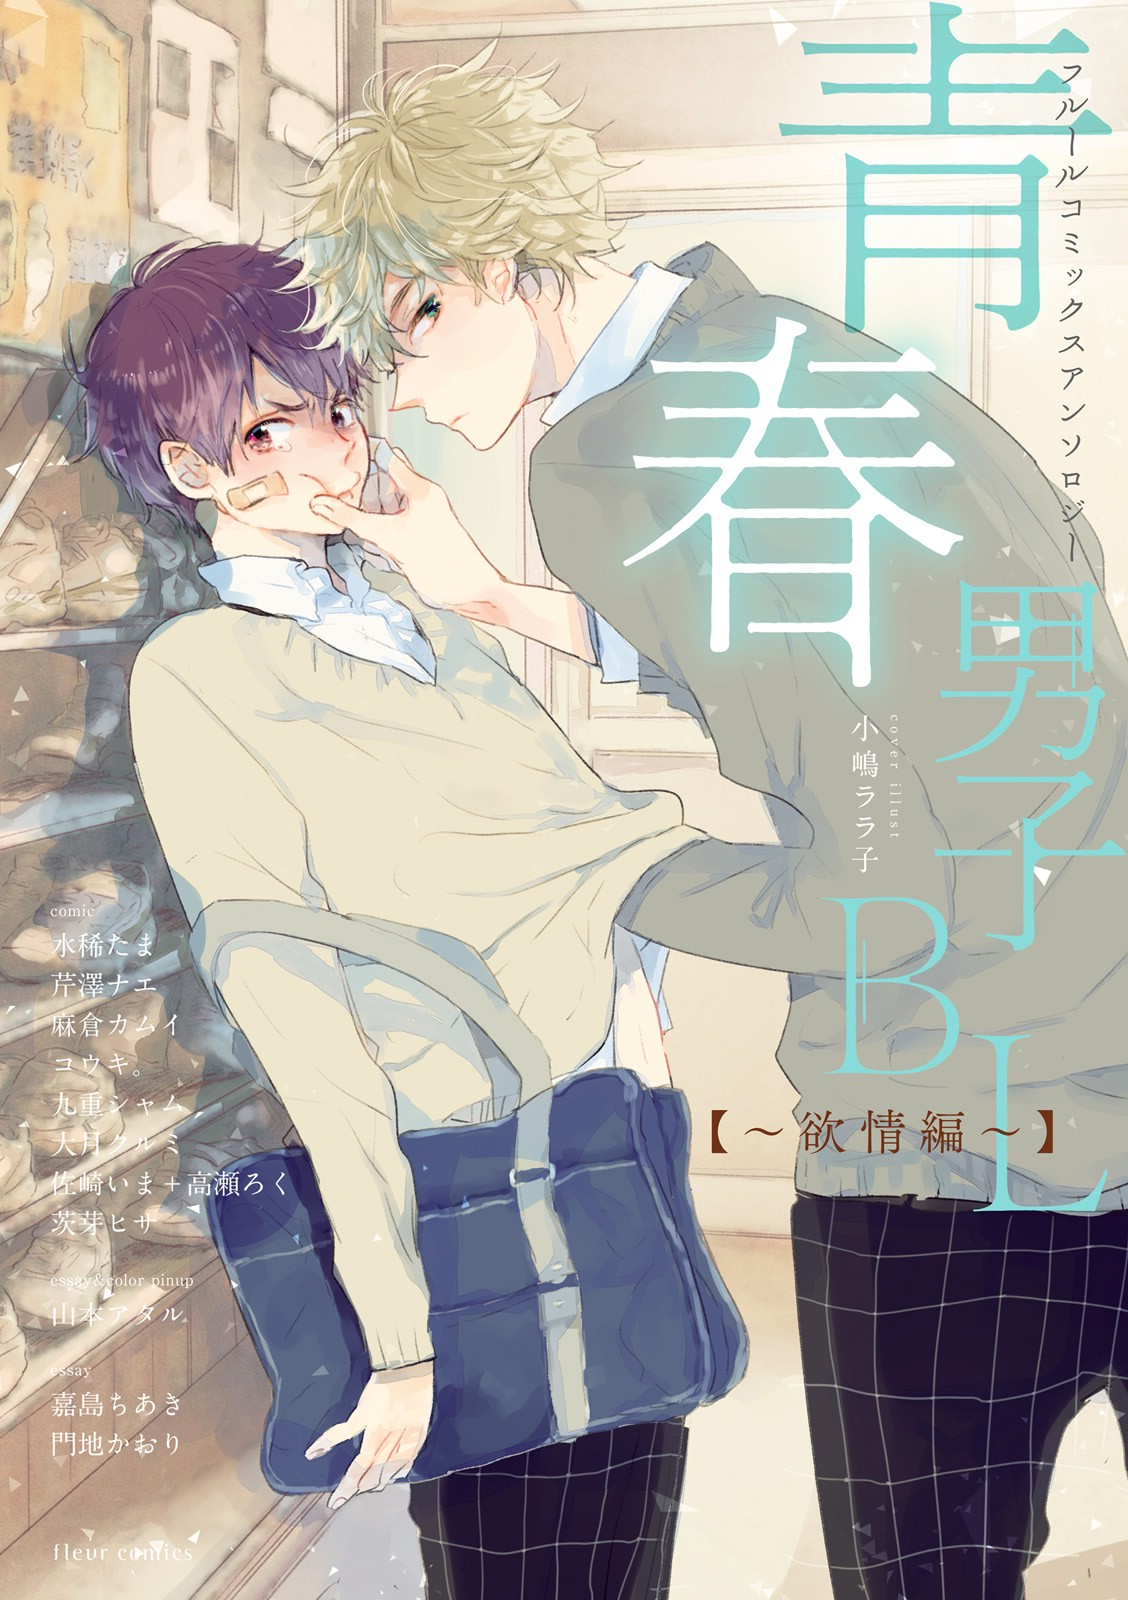 Seishun Danshi BL (Anthology)